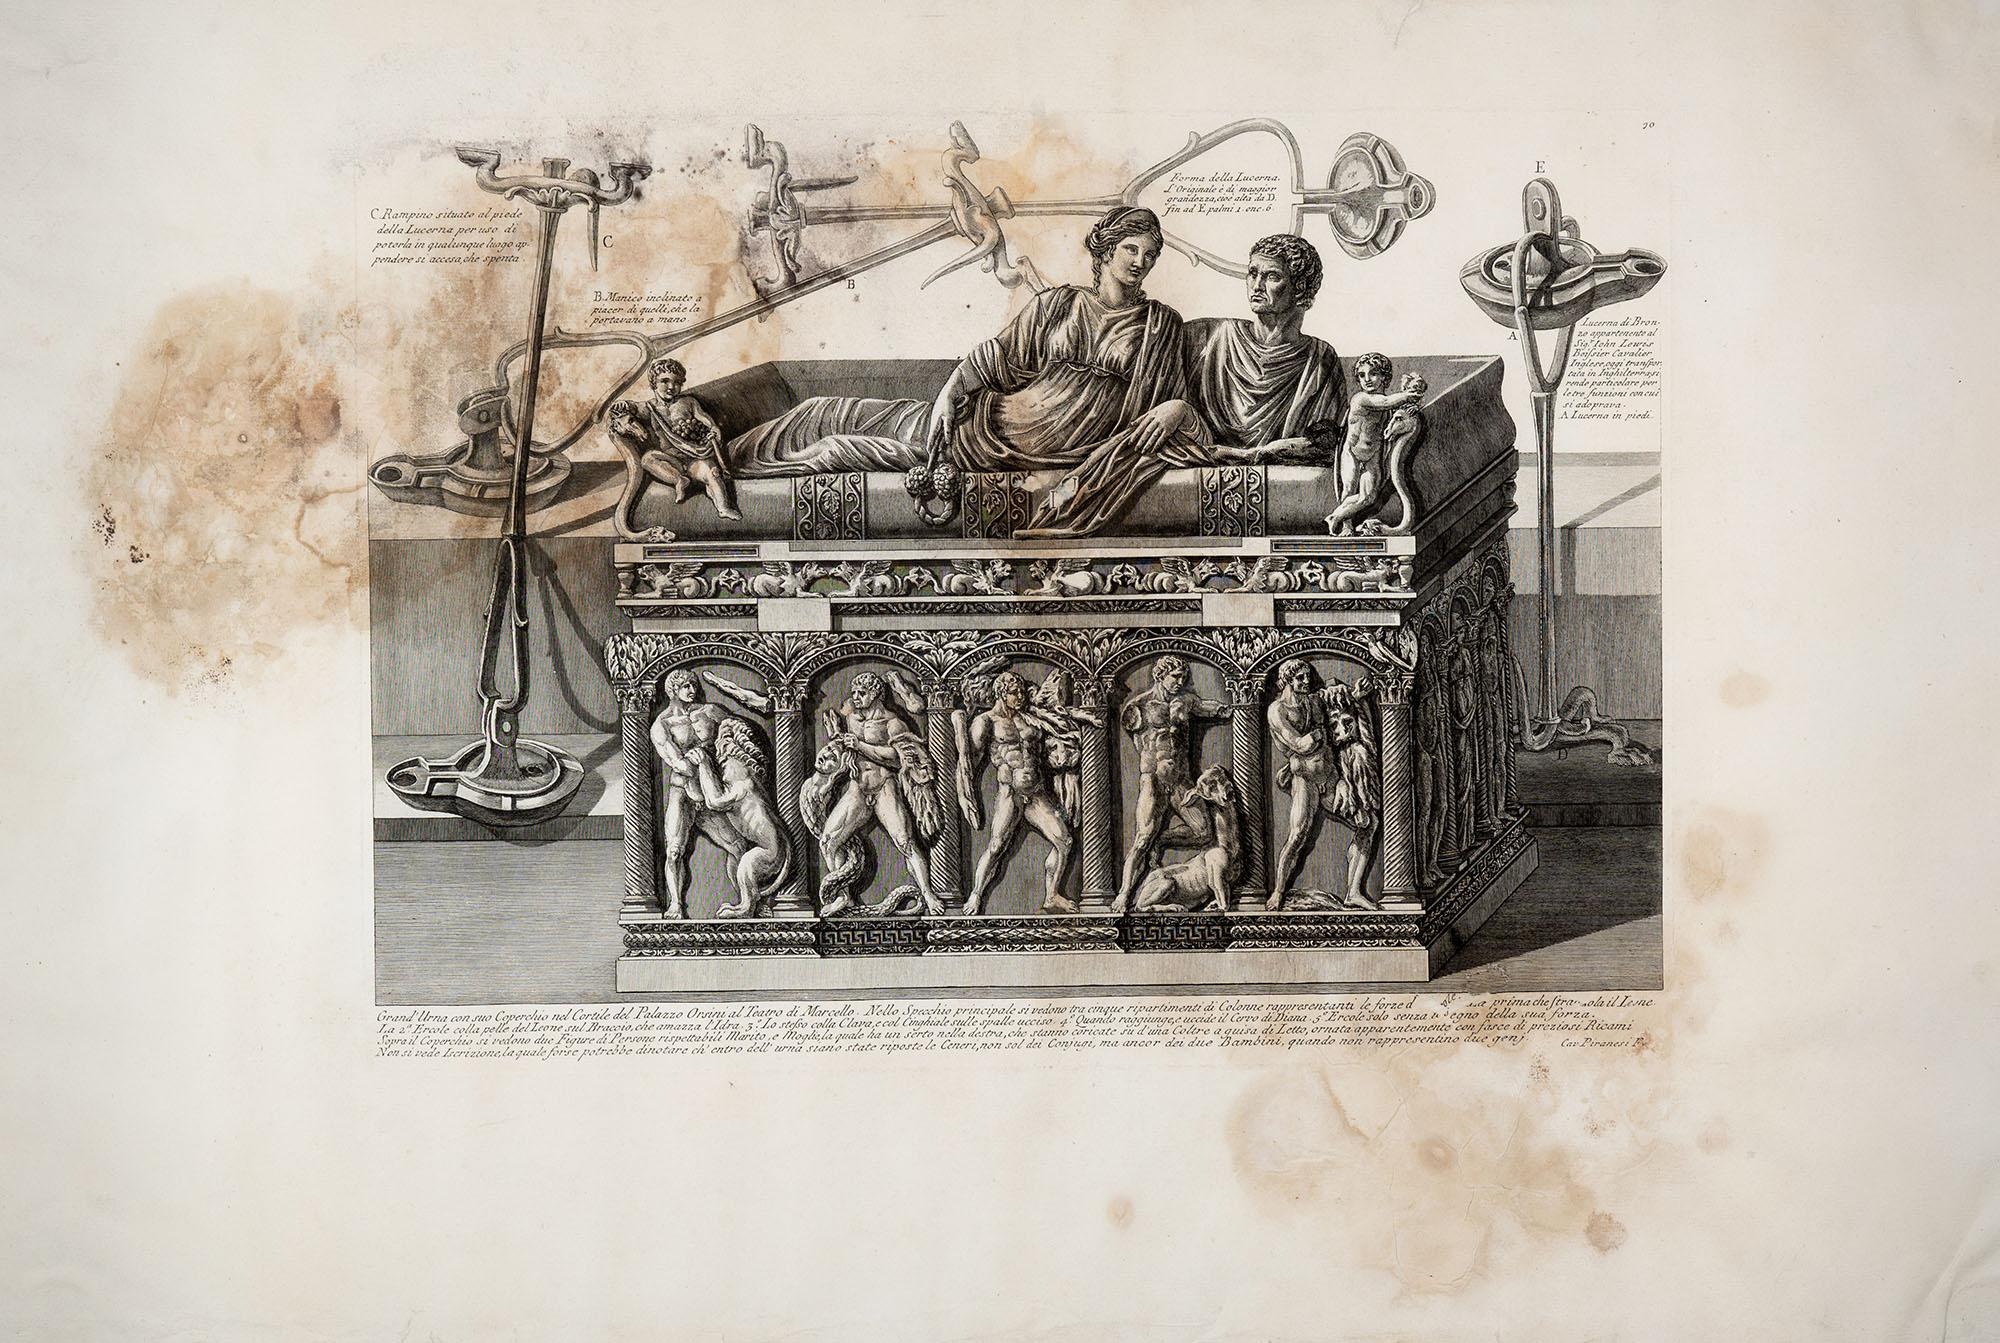 24. Grand'Urna con suo coperchio nel Cortile del Palazzo Orsini al Teatro di Marcello